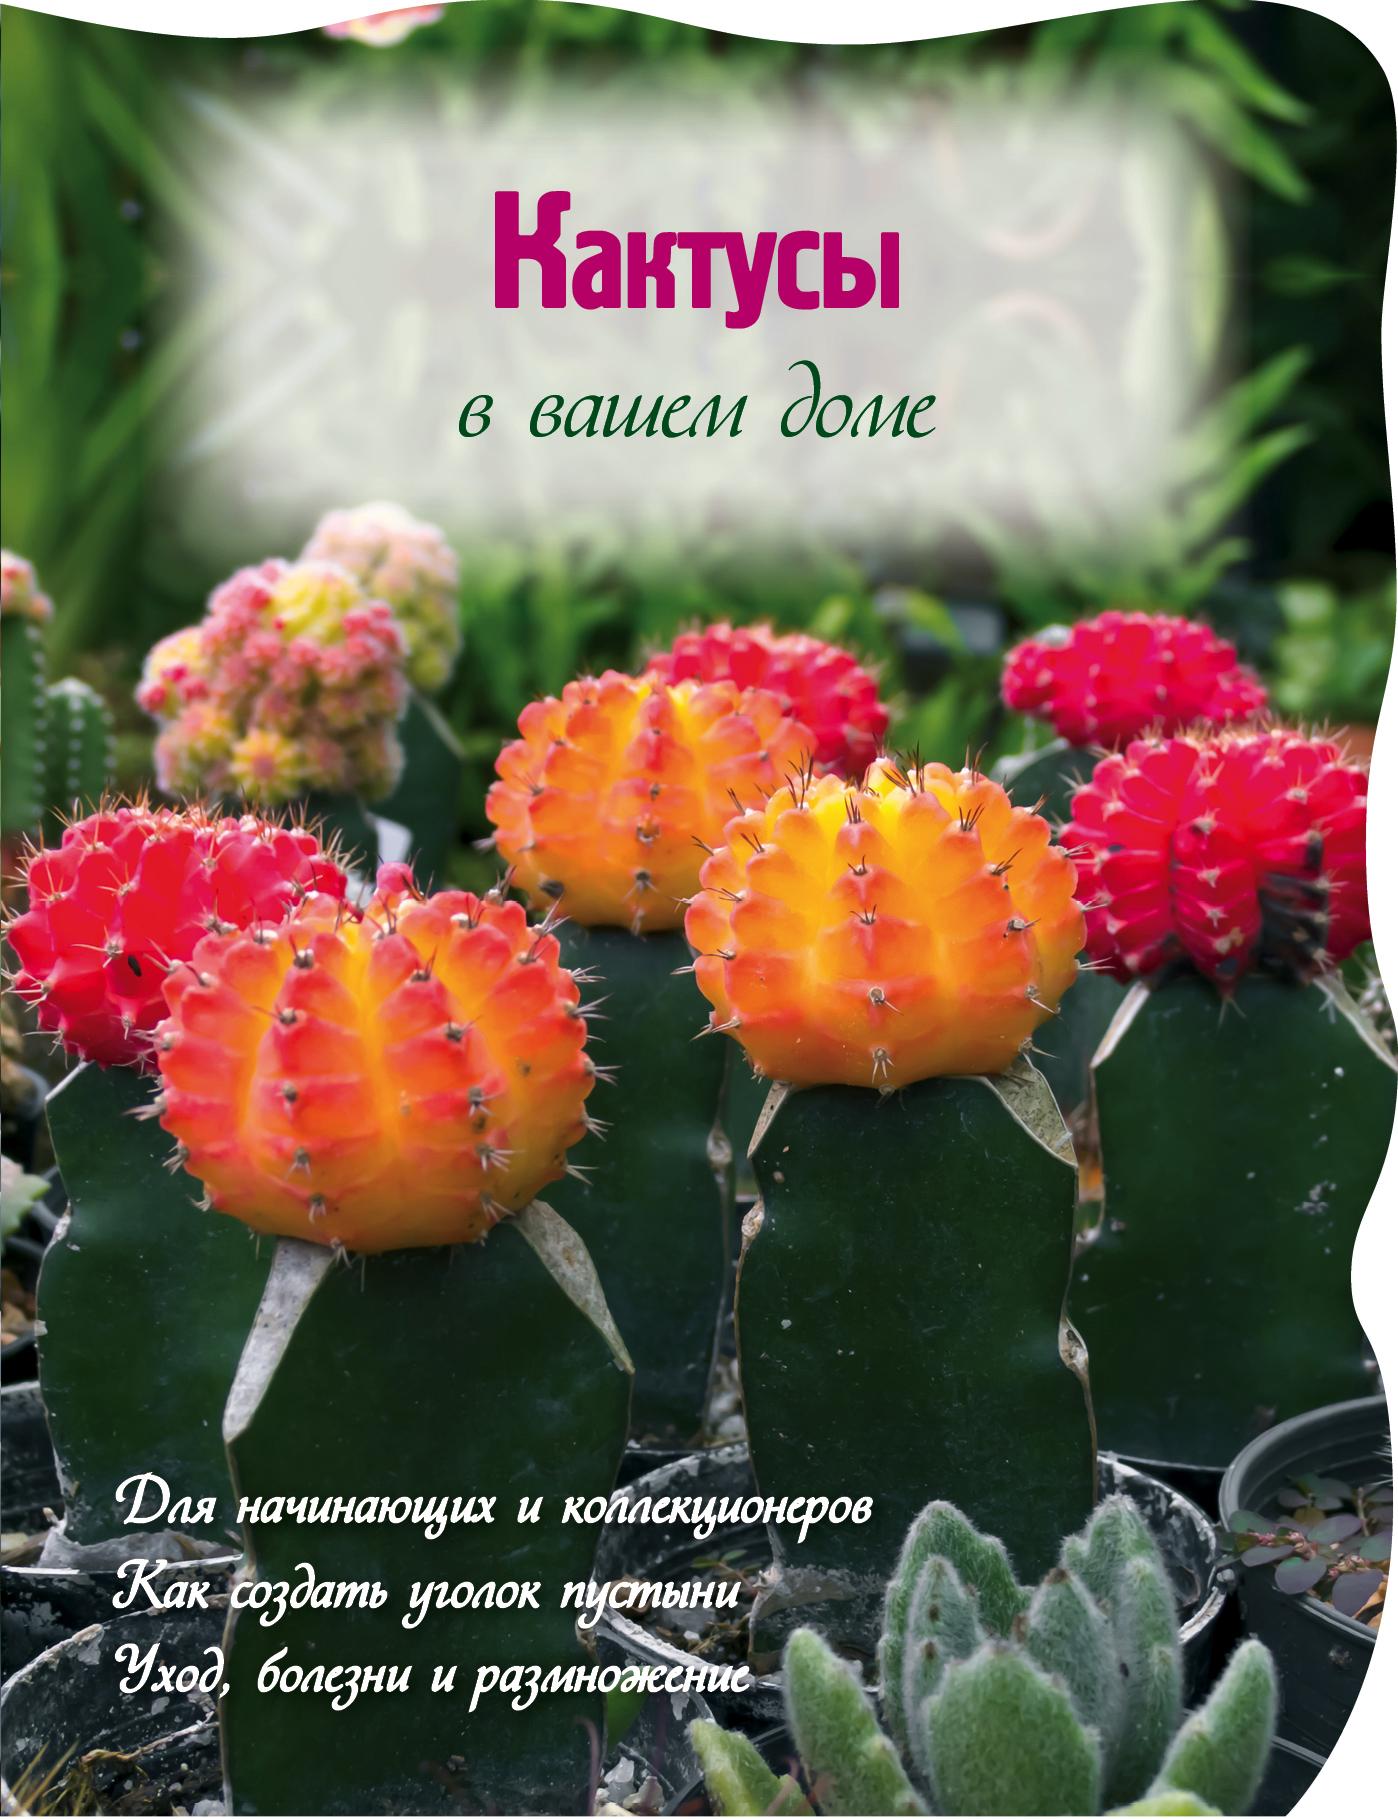 Кактусы в вашем доме (Вырубка. Цветы в саду и на окне (обложка))